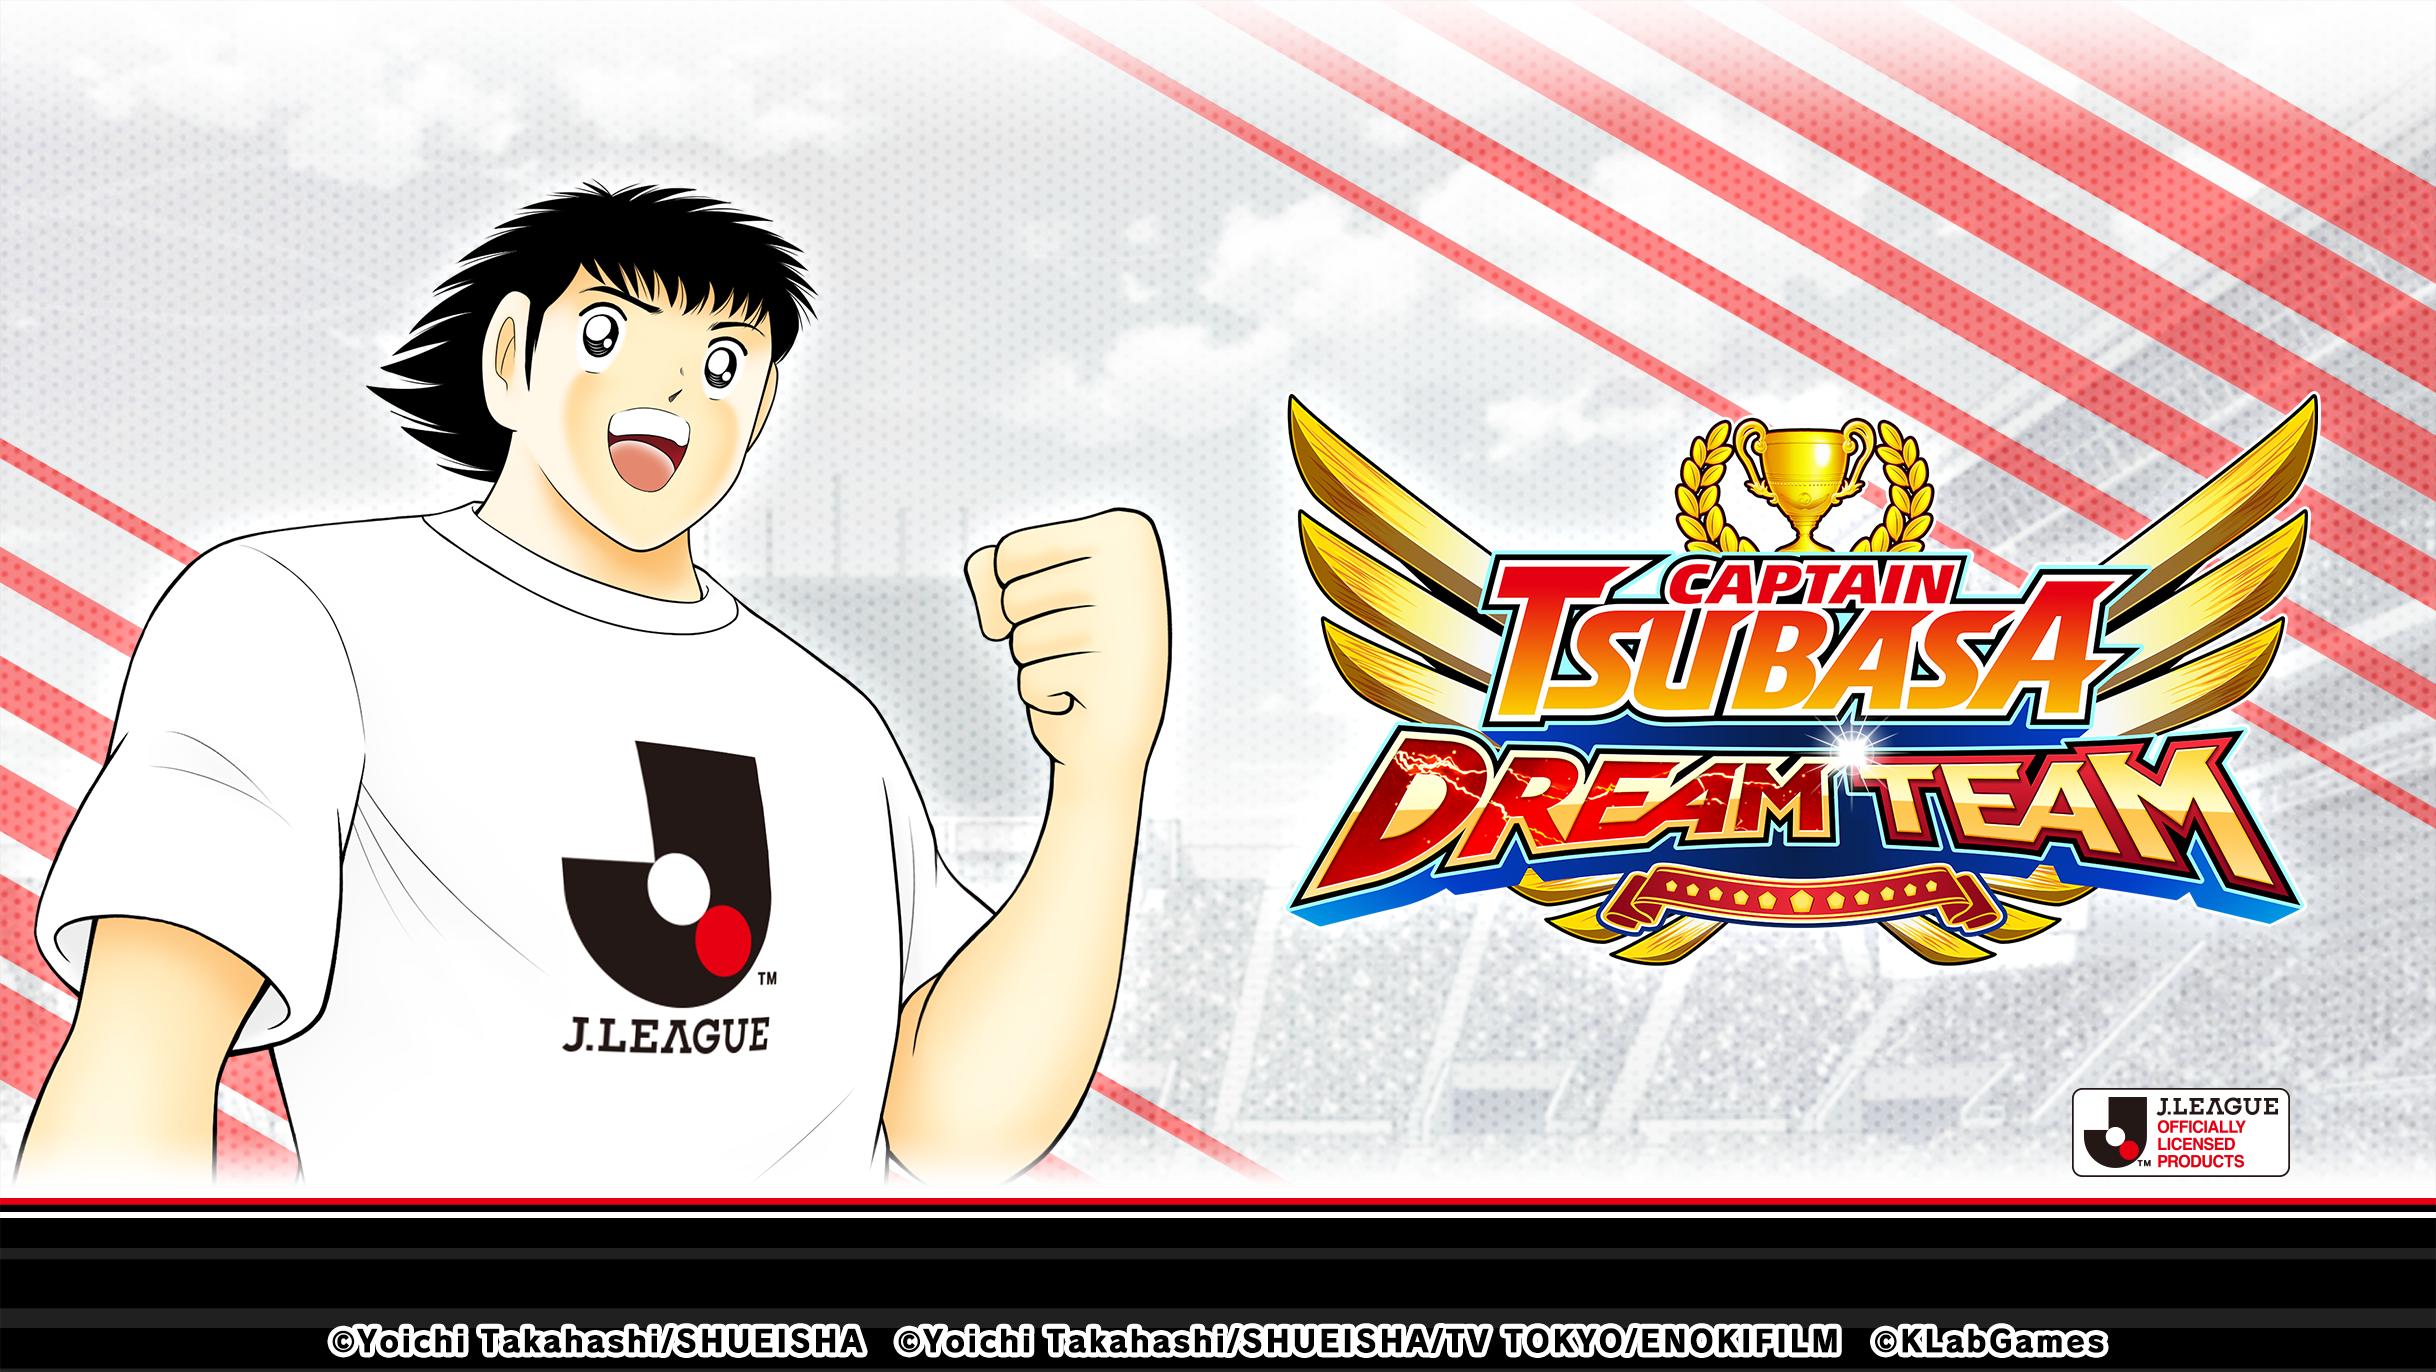 """เกม """"กัปตันซึบาสะ: ดรีมทีม (Captain Tsubasa: Dream Team)"""" เปิดตัวตัวละครผู้เล่นใหม่ในชุดยูนิฟอร์มทางการ J.League 2021 แล้ววันนี้!"""